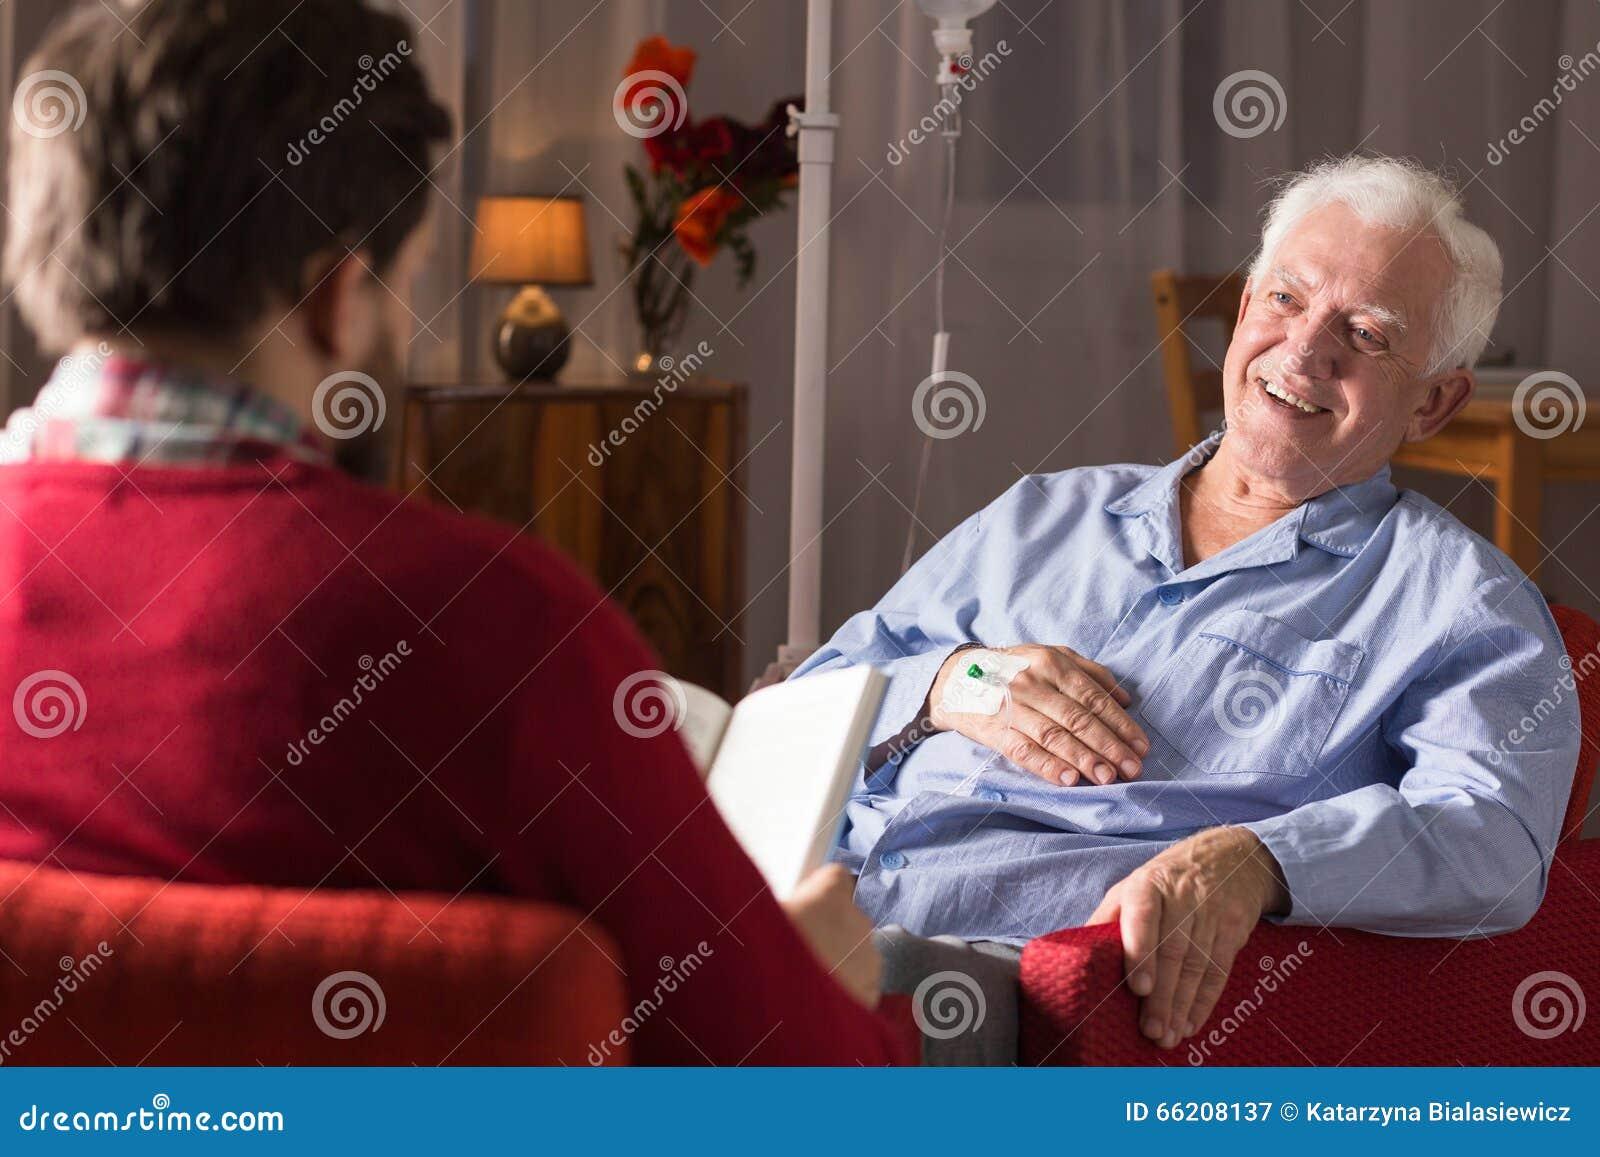 Uomo con demenza senile